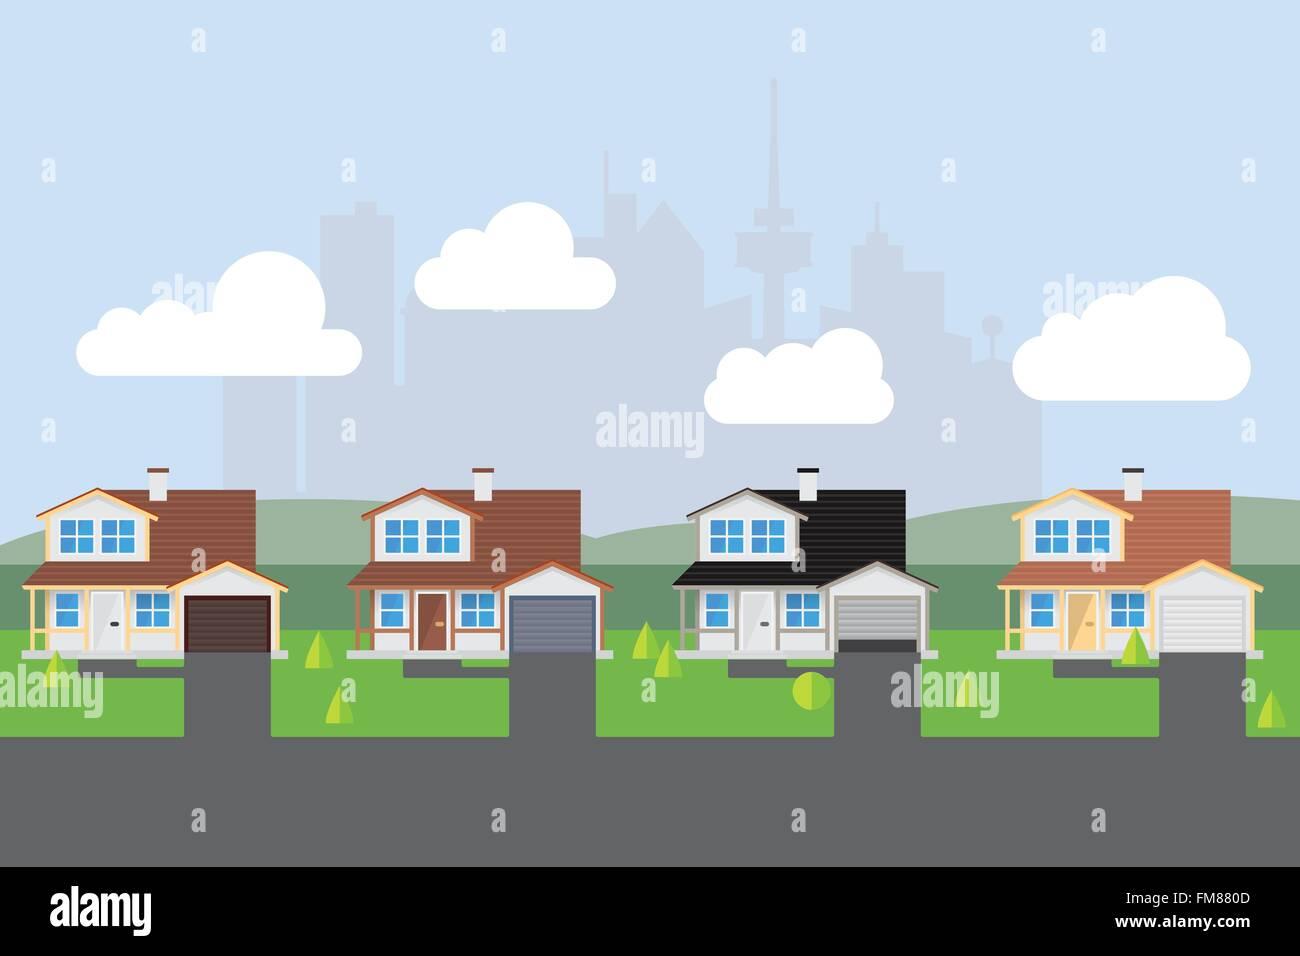 Calle suburbana americana con casi casas similares. Ciudad silueta en el fondo. Diseño plano. Imagen De Stock